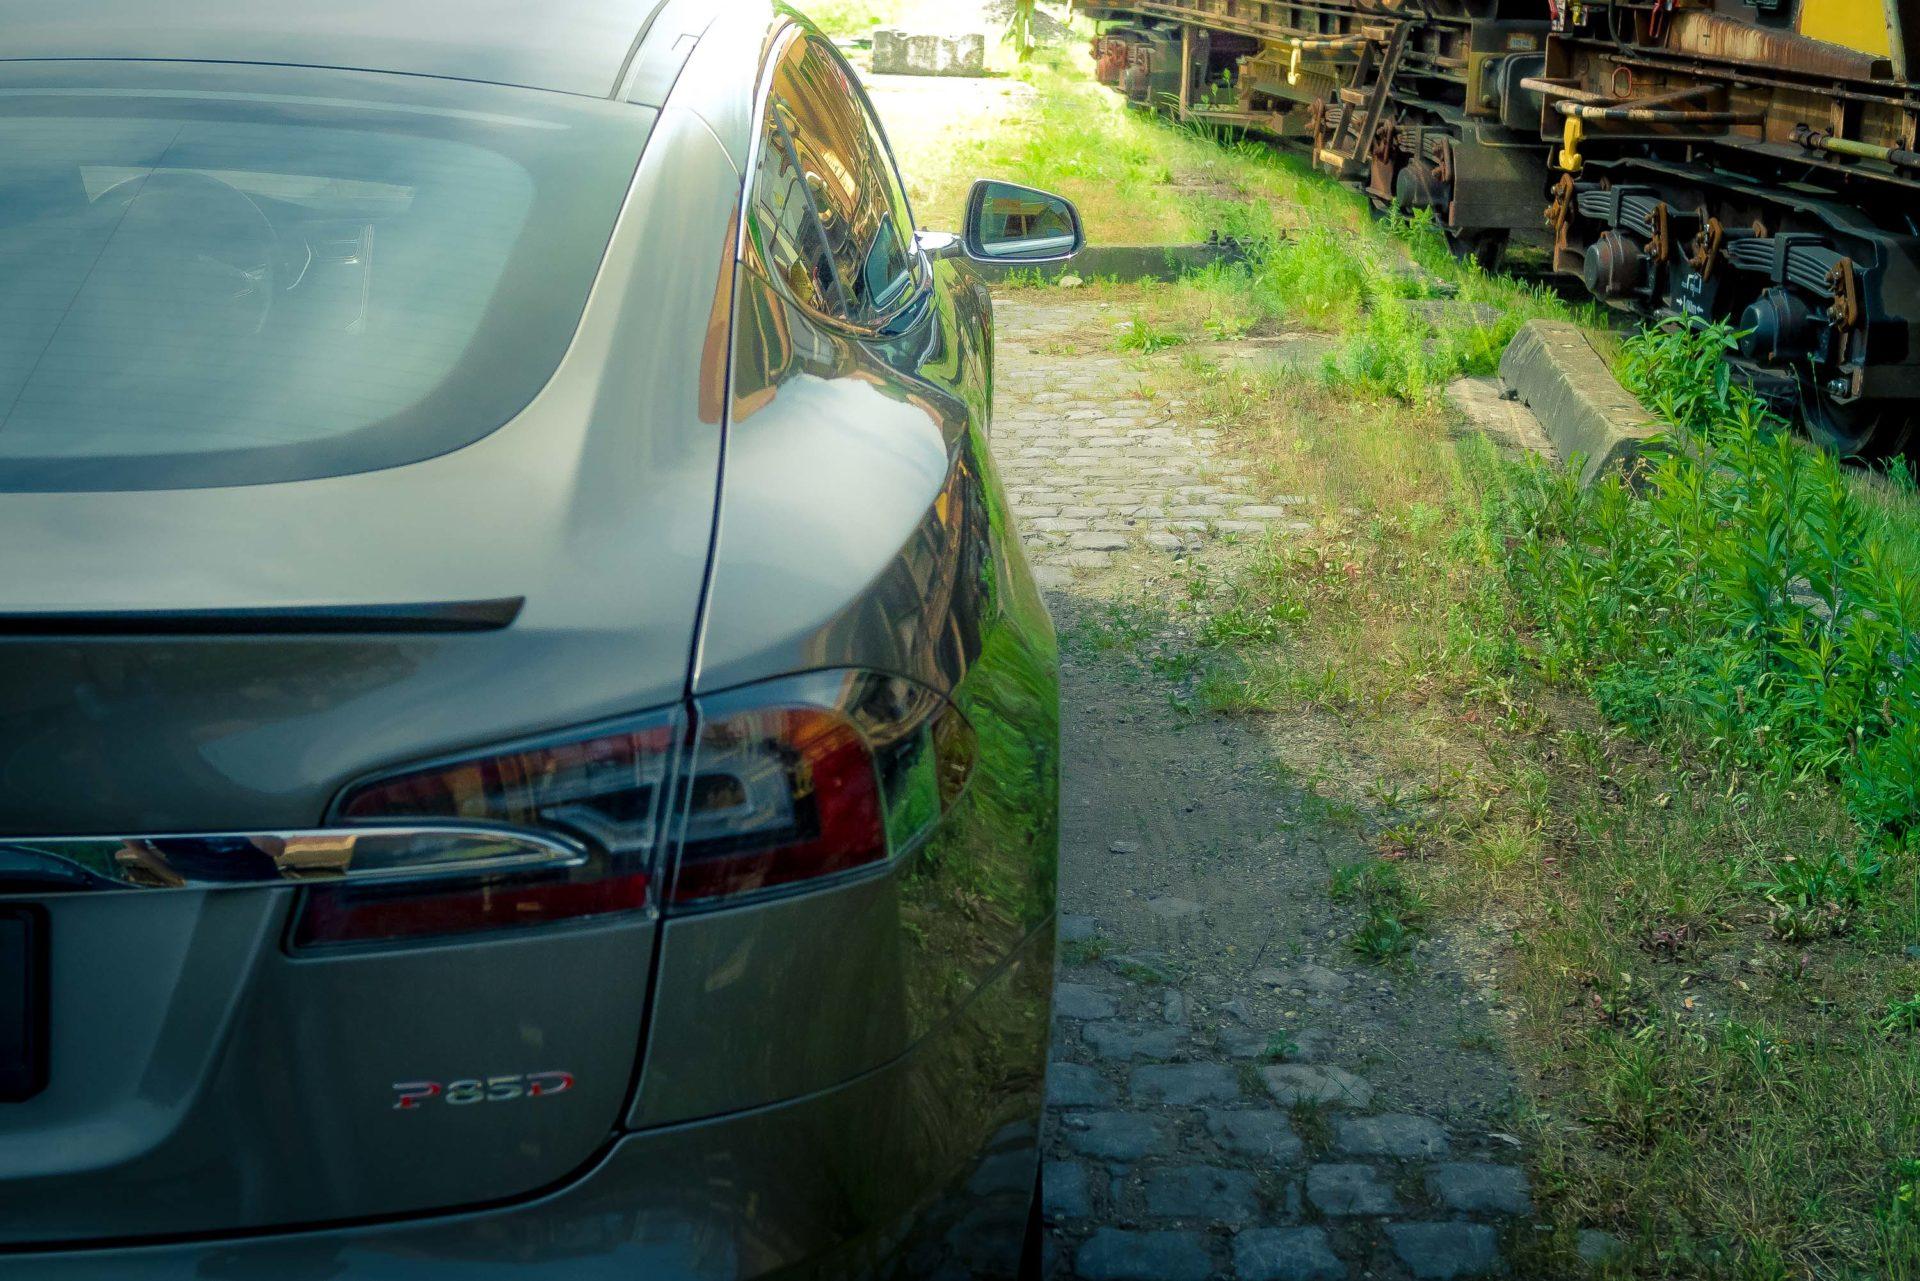 Tesla Model S P85D Titanium Rückleuchte Heckspoiler Chrom Heckansicht Heck Titanium Lackierung Greenspeed emobility Aachen Deutschland NRW Euregio Autohändler Gebrauchtwagen kaufen